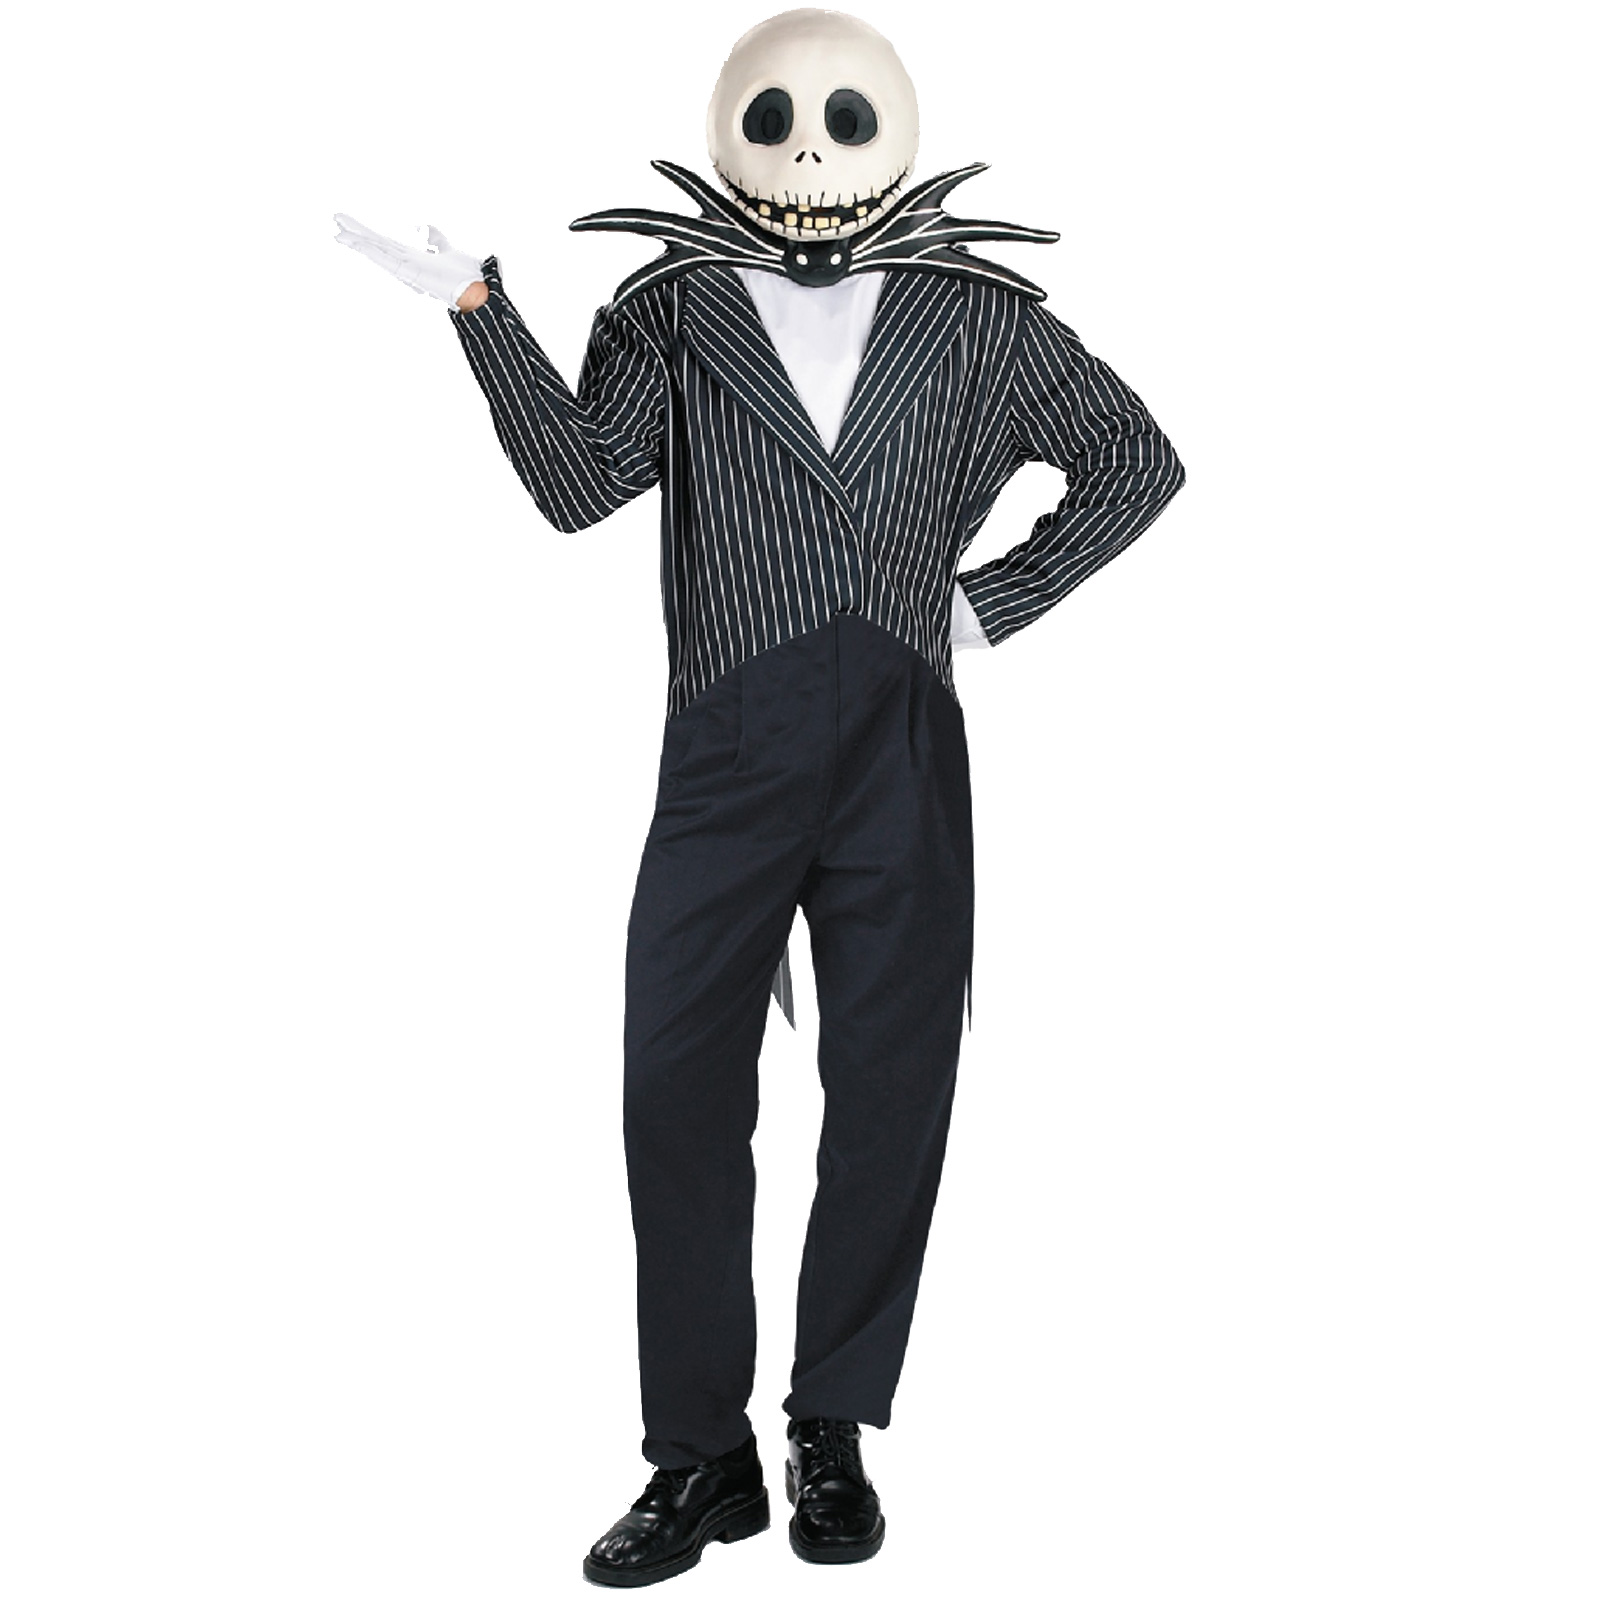 jack skellington nightmare before christmas costume -#main